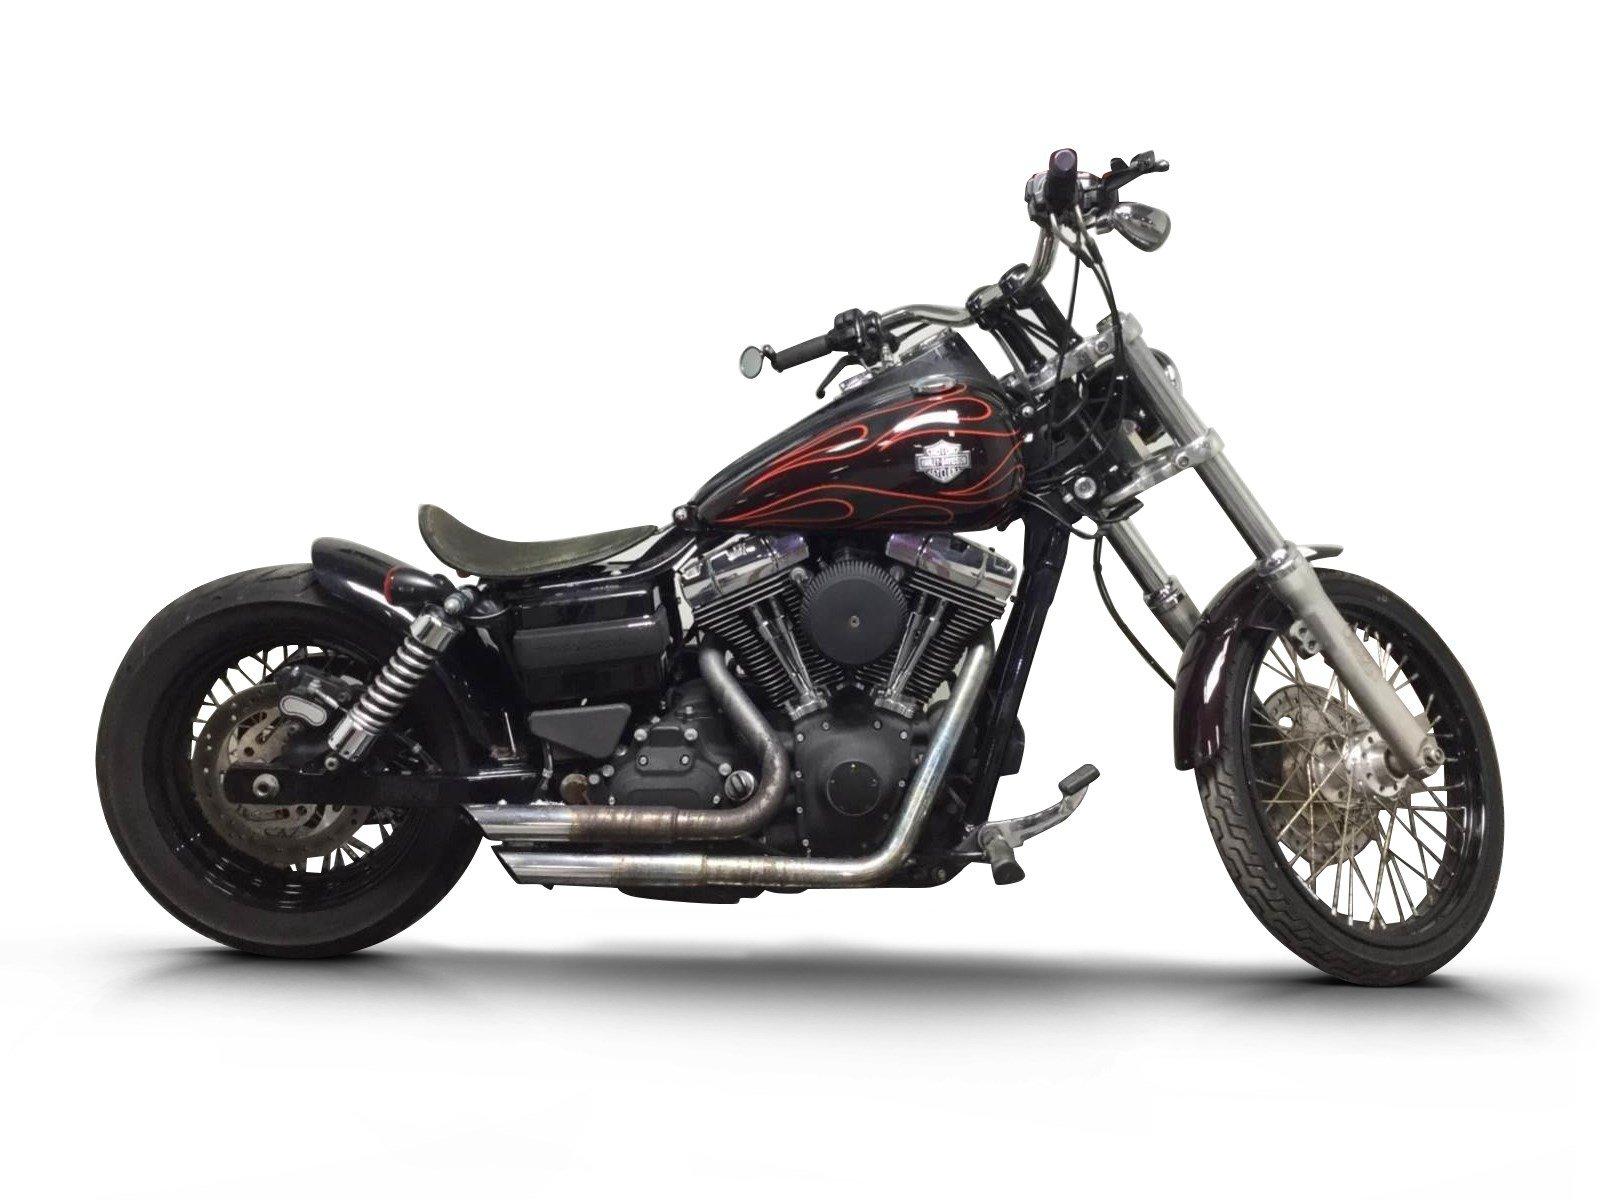 2010 Harley Davidson Fxdwg Dyna Wide Glide For Sale